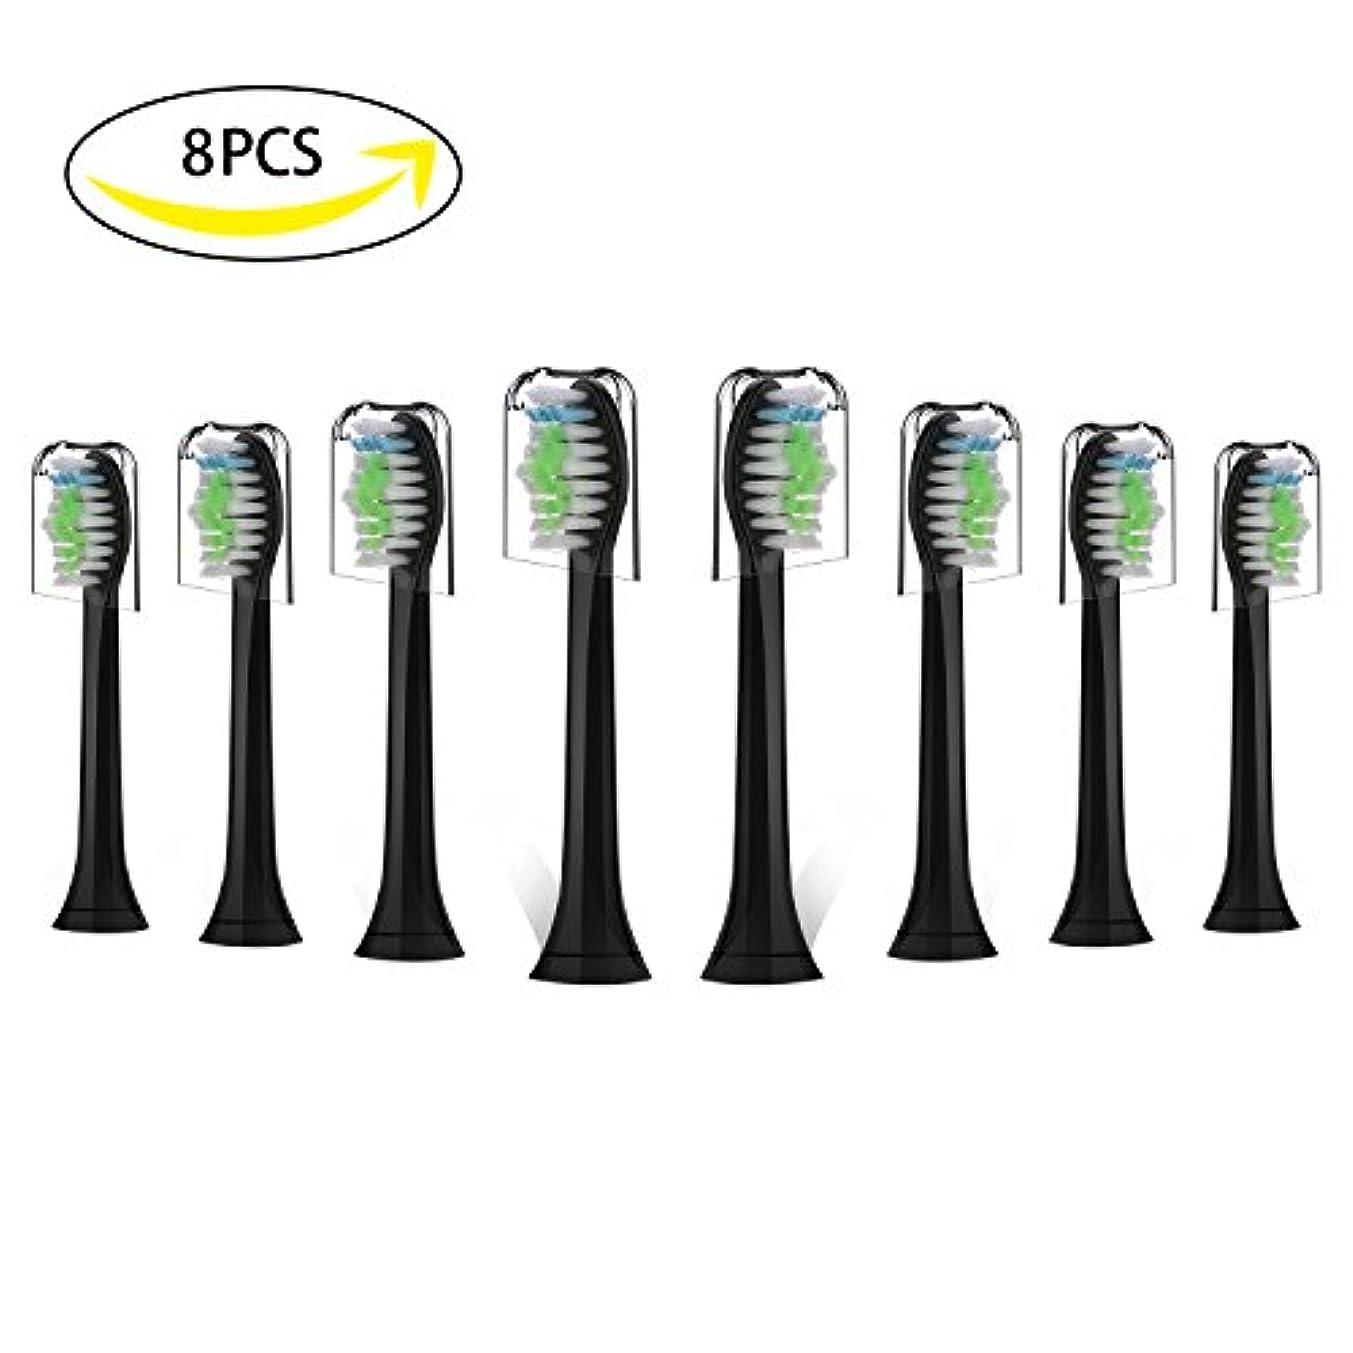 プロペラ差別パブSonifresh 交換ヘッド歯ブラシ用ヘッドセットフィリップソニカ電気歯ブラシ - プラークコントロールガム 健康ダイヤモンド クリーンフレックス ケアイージークリーンとヘルシーホワイト 8パック 8パック